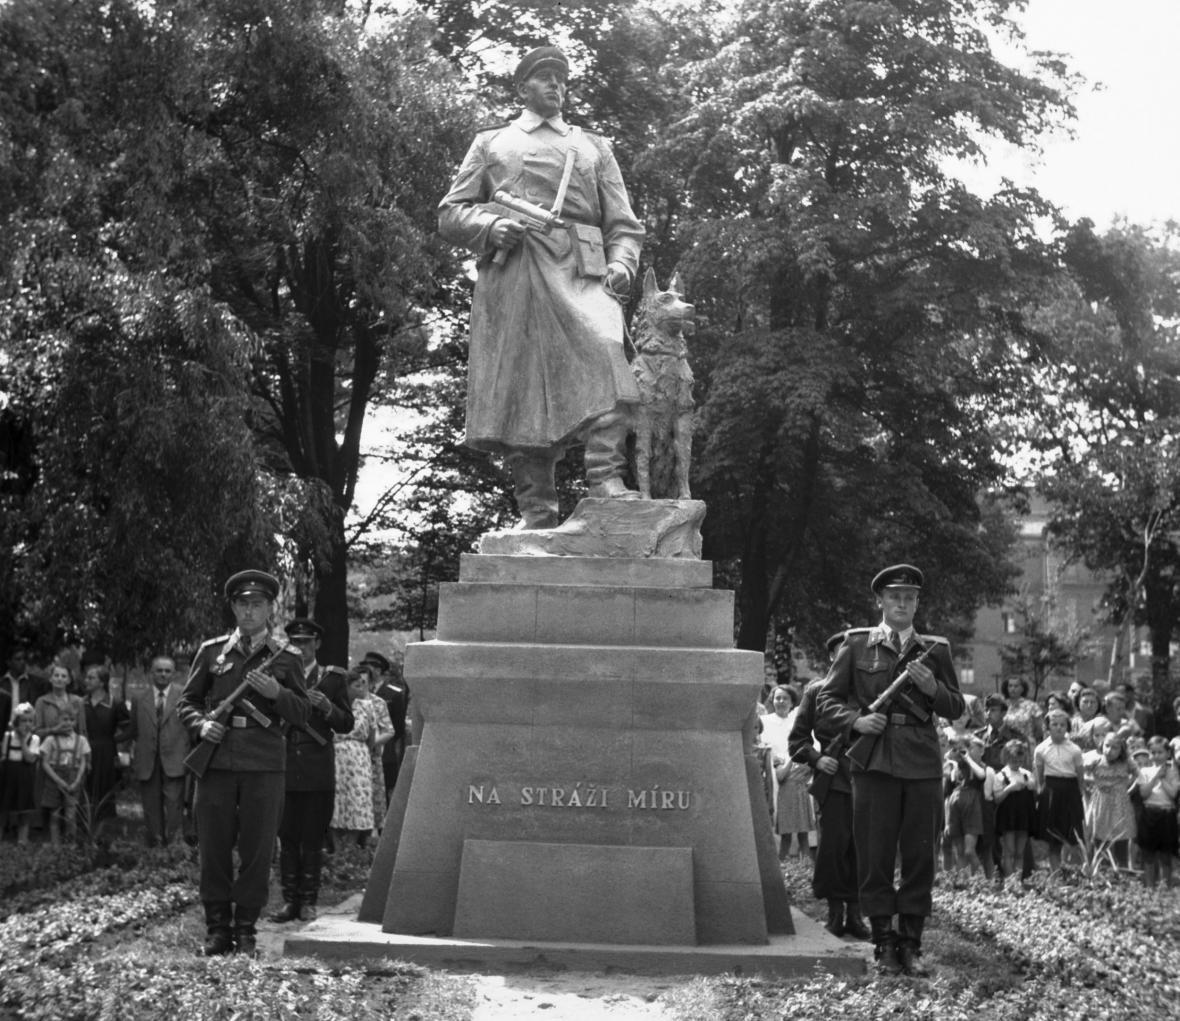 Slavnostní odhalení pomníku Pohraniční stráže v Chebu (1955)